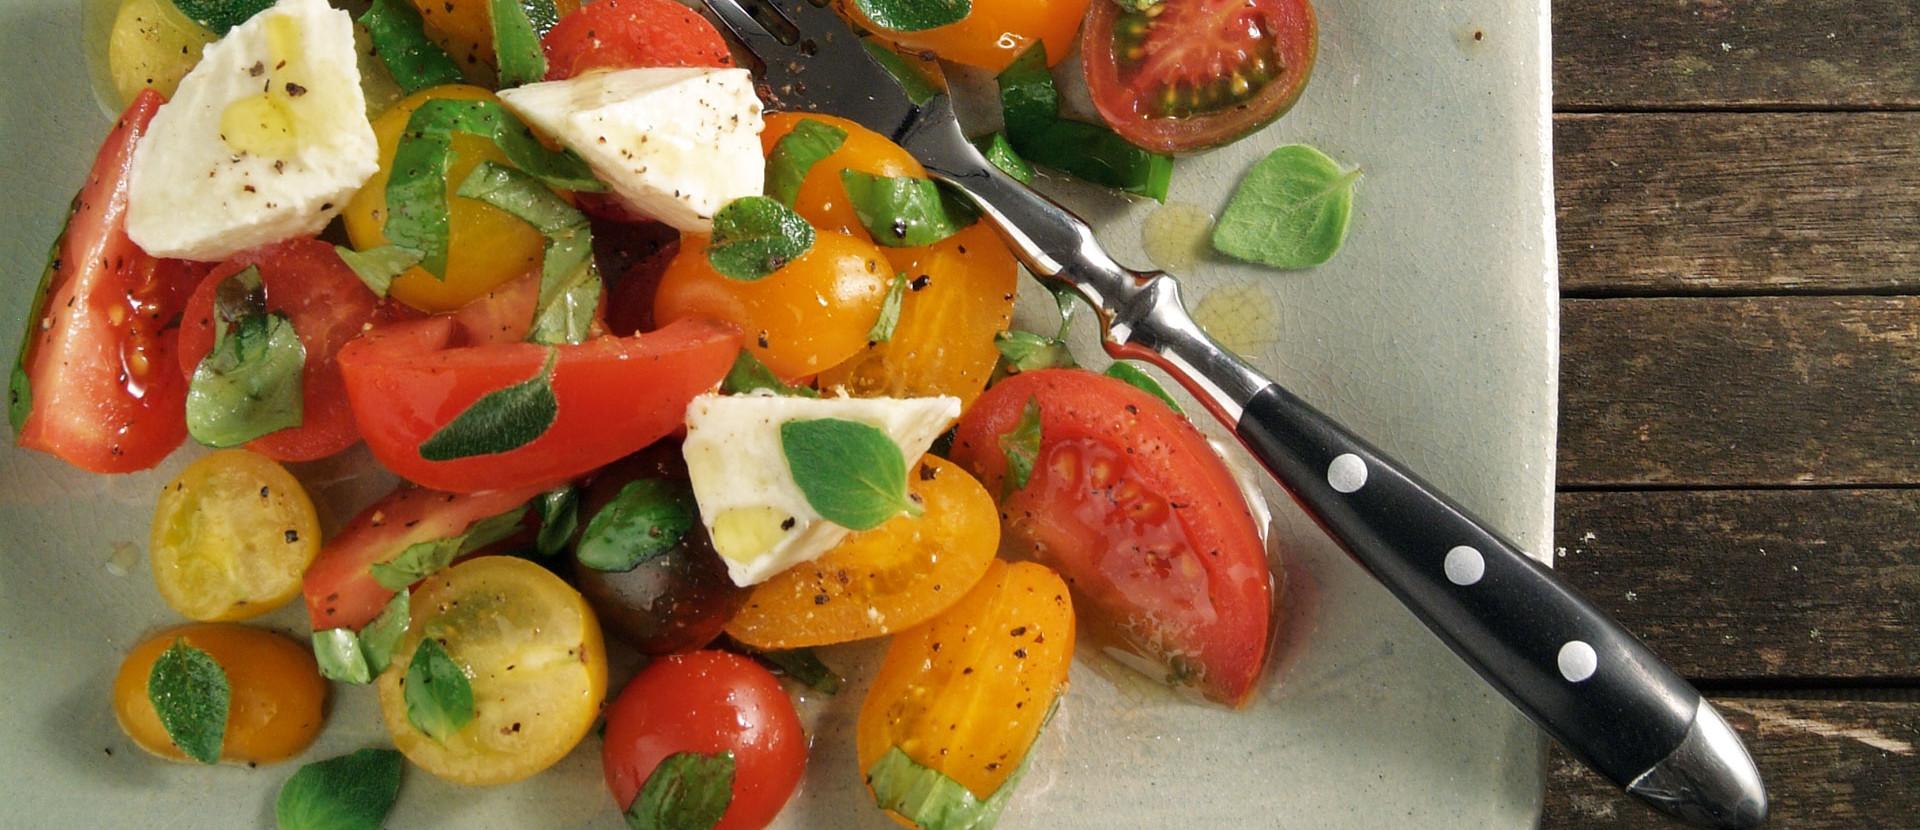 Tomatensalat mit Mozzarella und italienischen Kraeuter